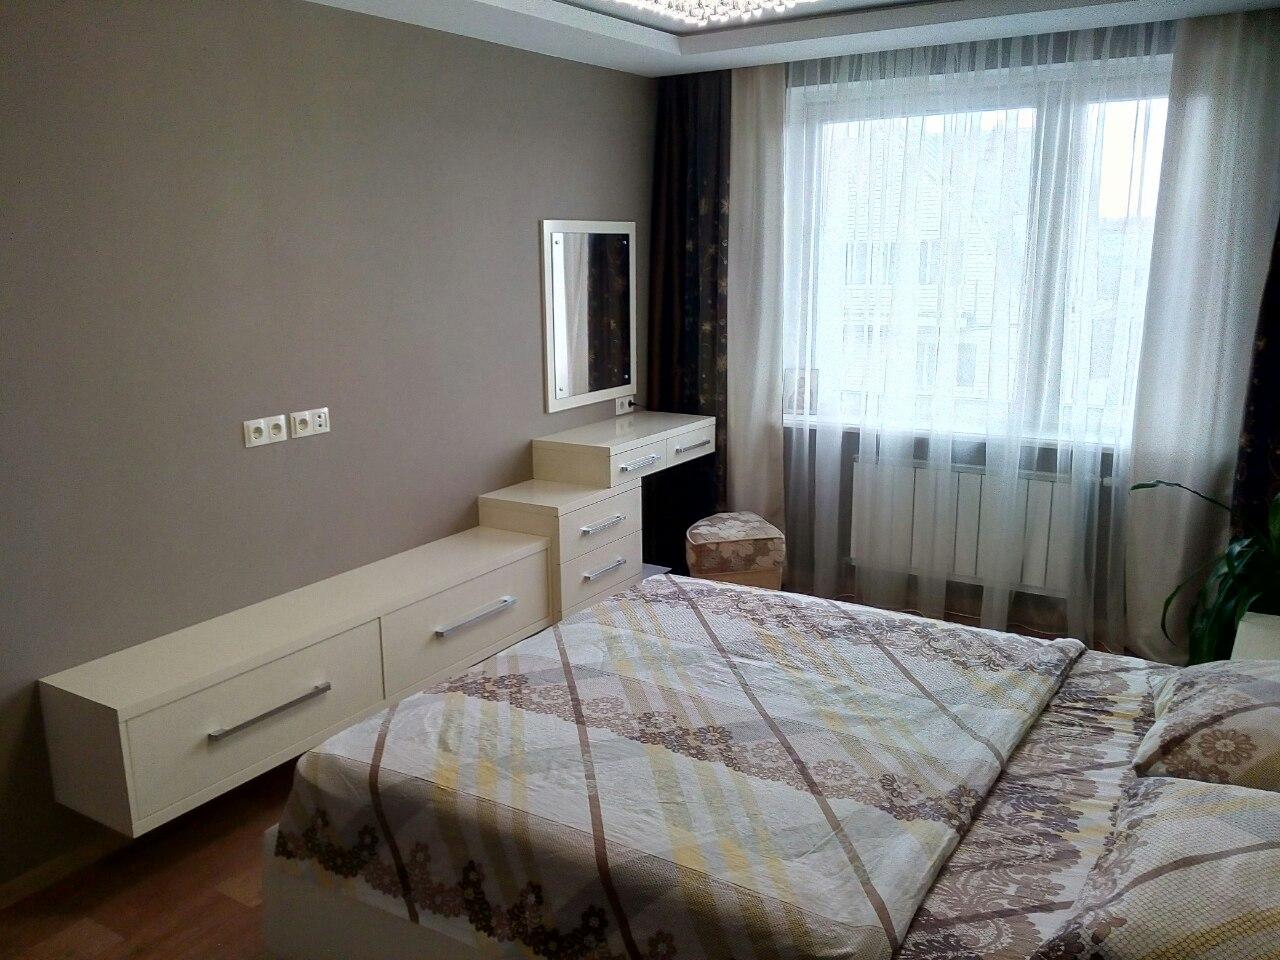 мебель для спальни на заказ купить спальню можно в кузнице мебели